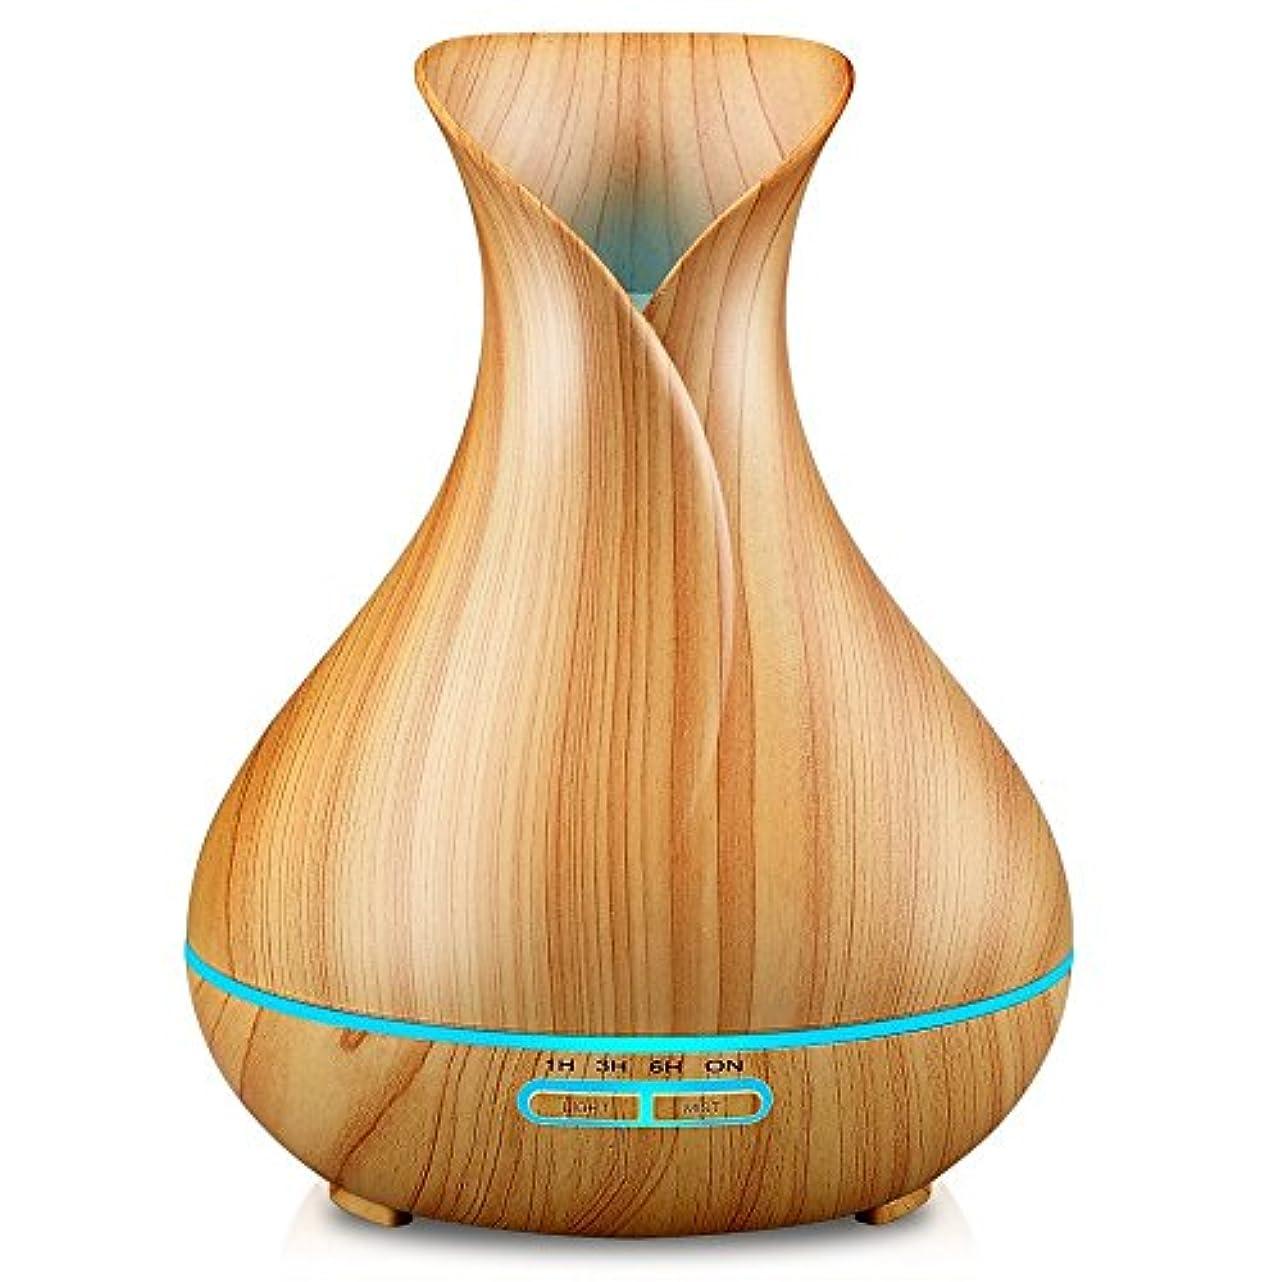 夢中利得爆弾URPOWER Essential Oil Diffuser スプレッド, 400ml Wood Grain Cool Mist Humidifiers 加湿器 Ultrasonic Aromatherapy Diffusers...